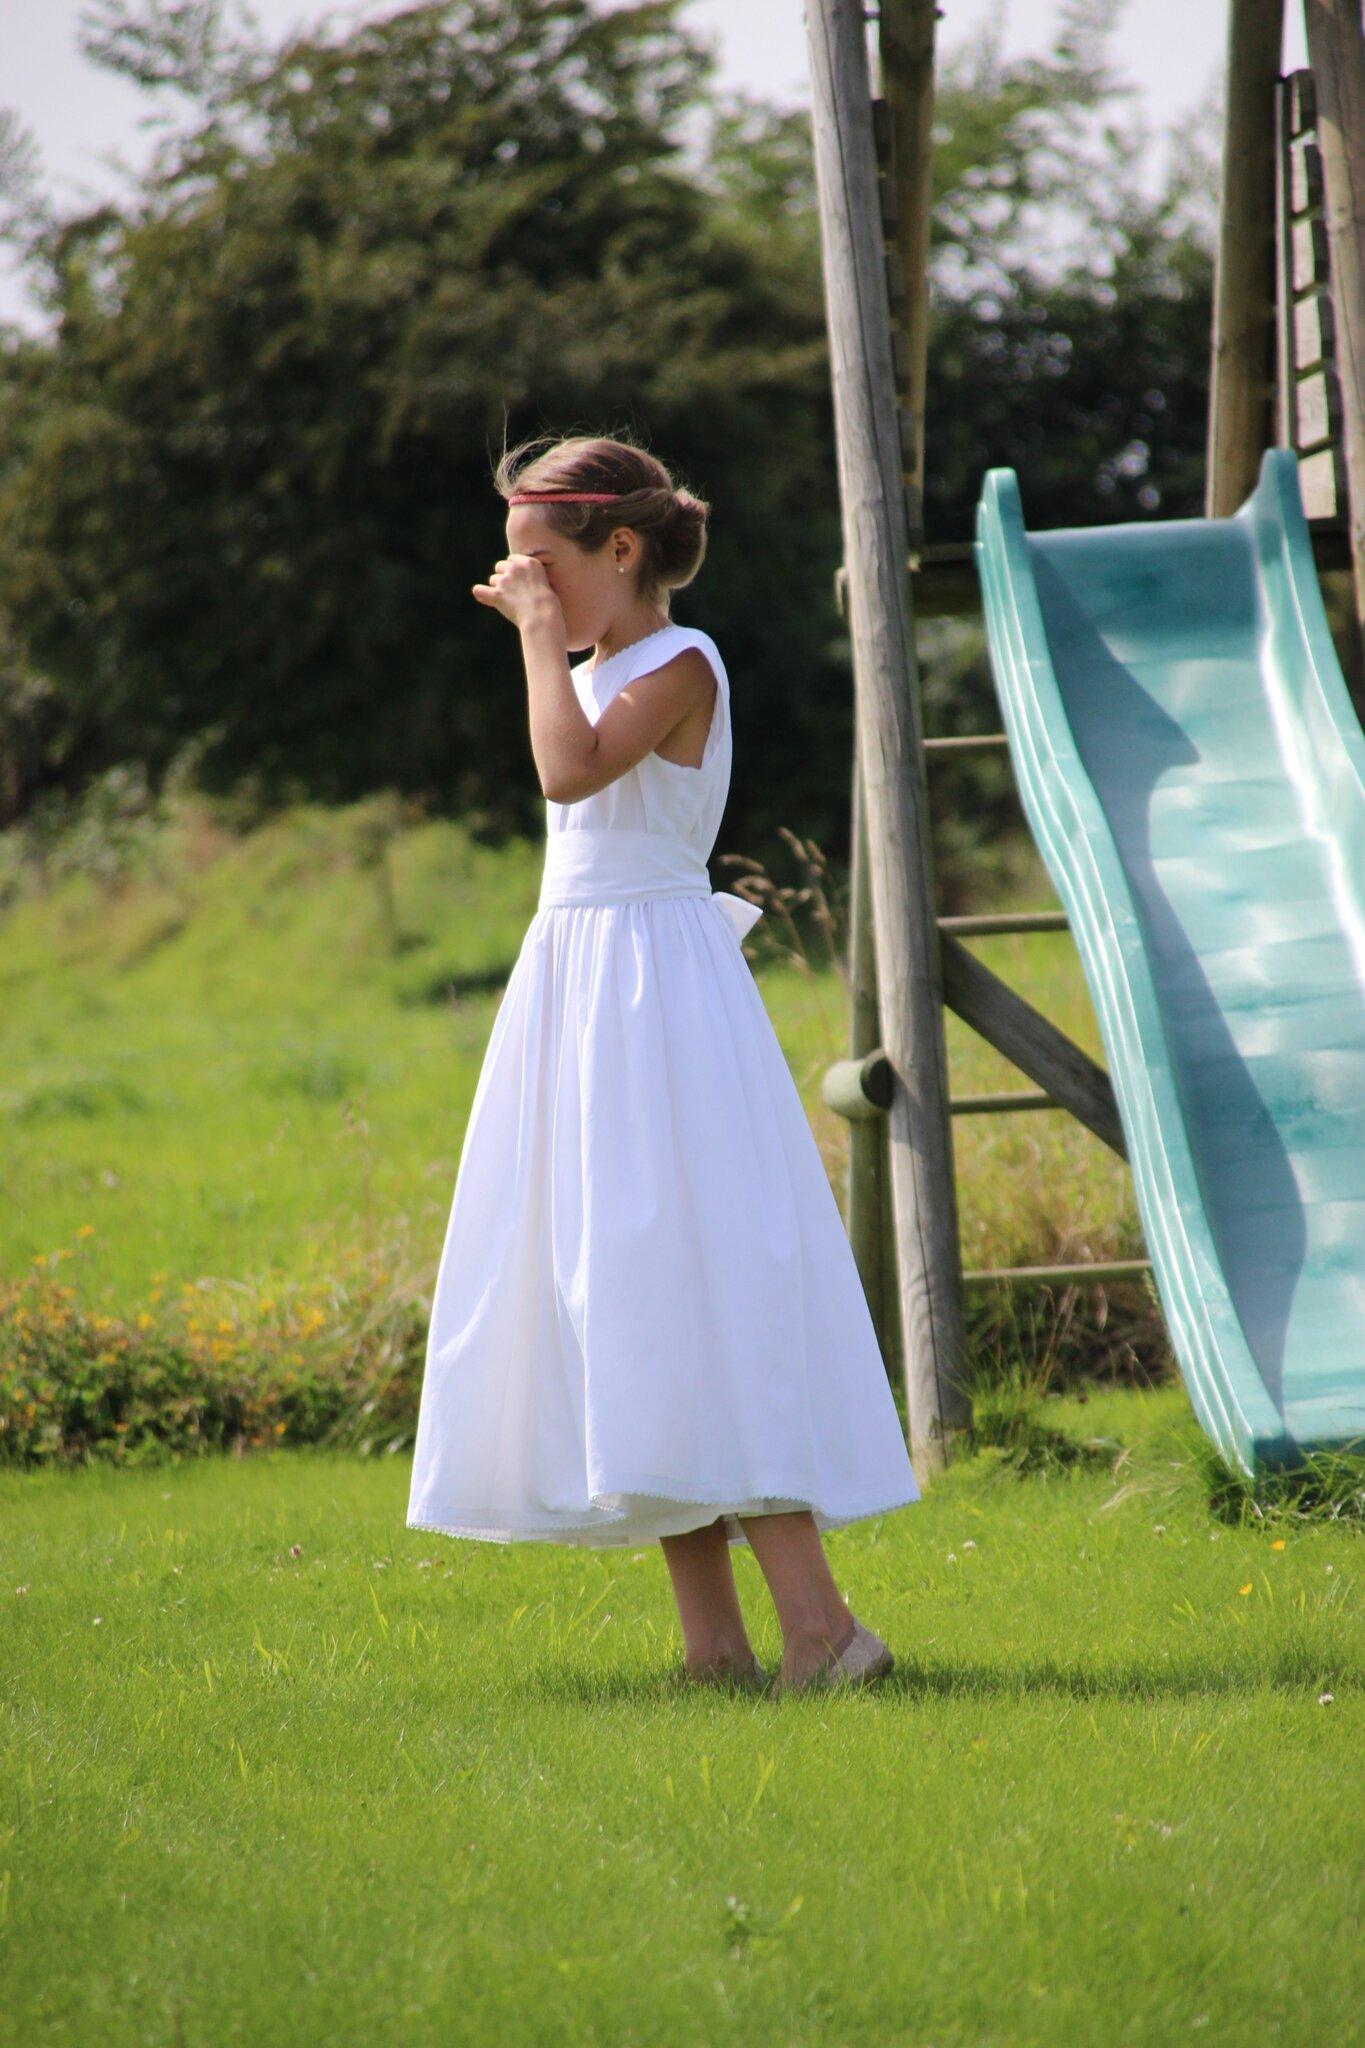 Quand la robe de communion devient robe de mariage !!